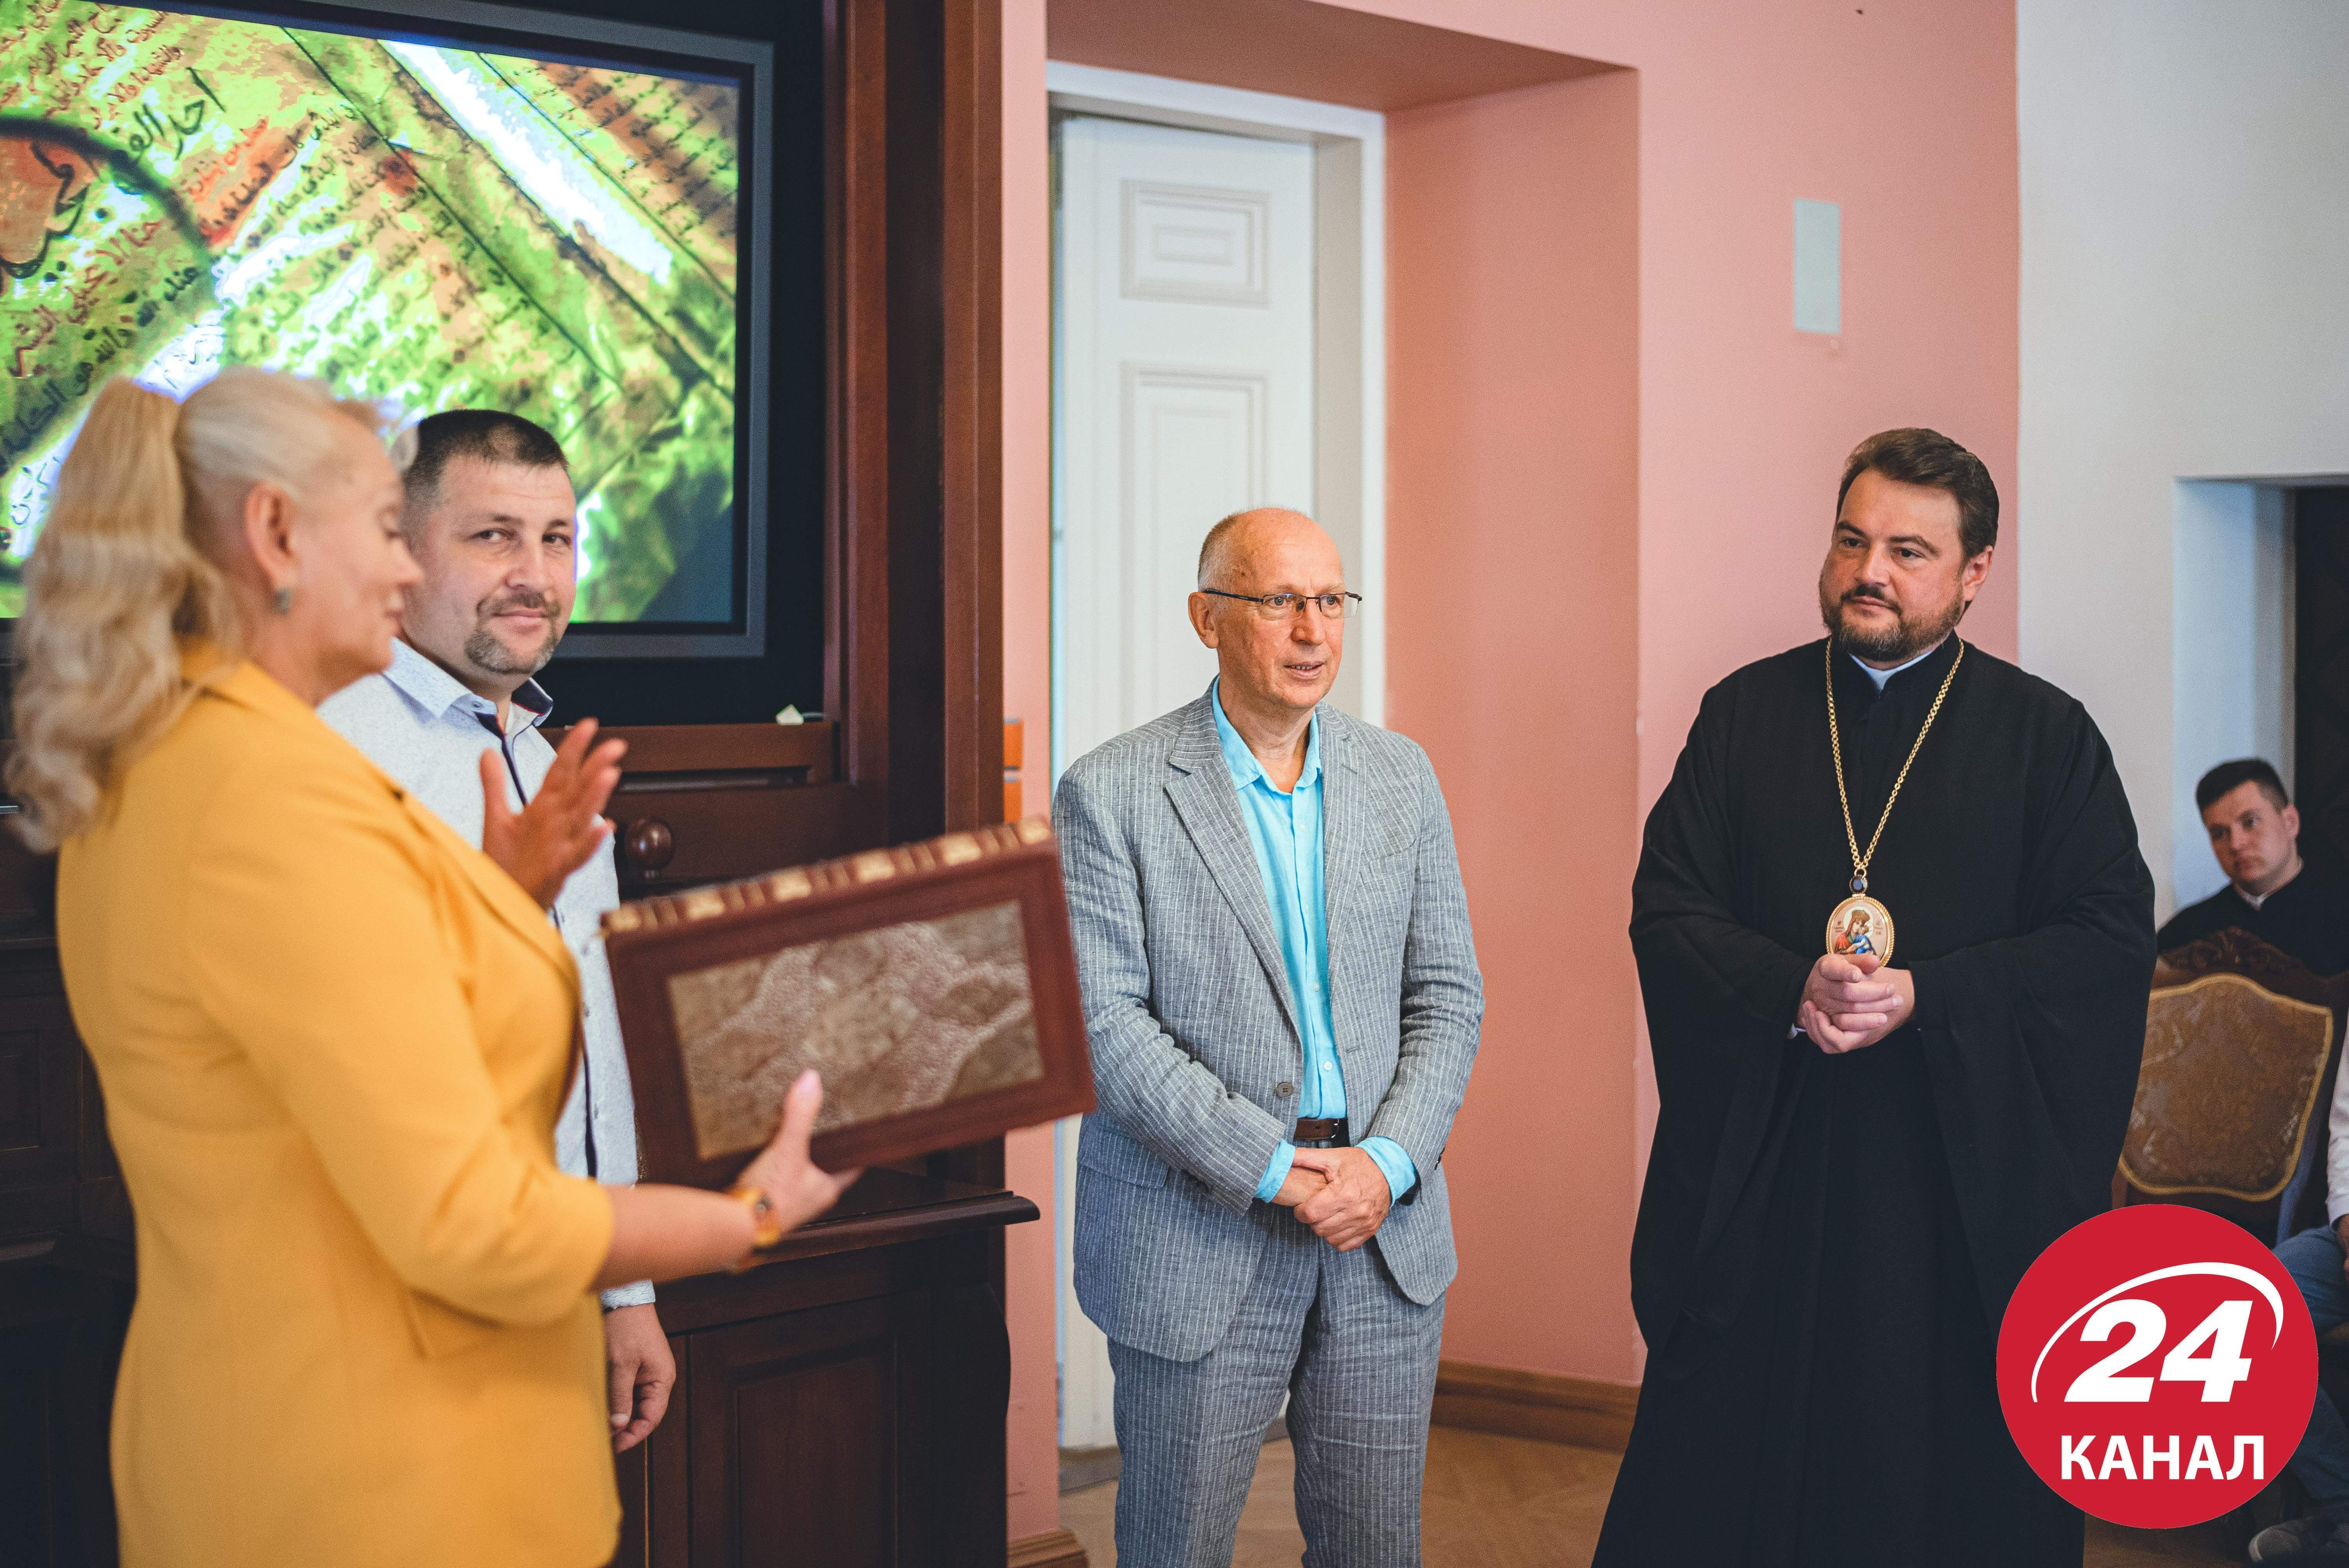 Мазепинське Євангеліє, Православна церква України, церква, релігія